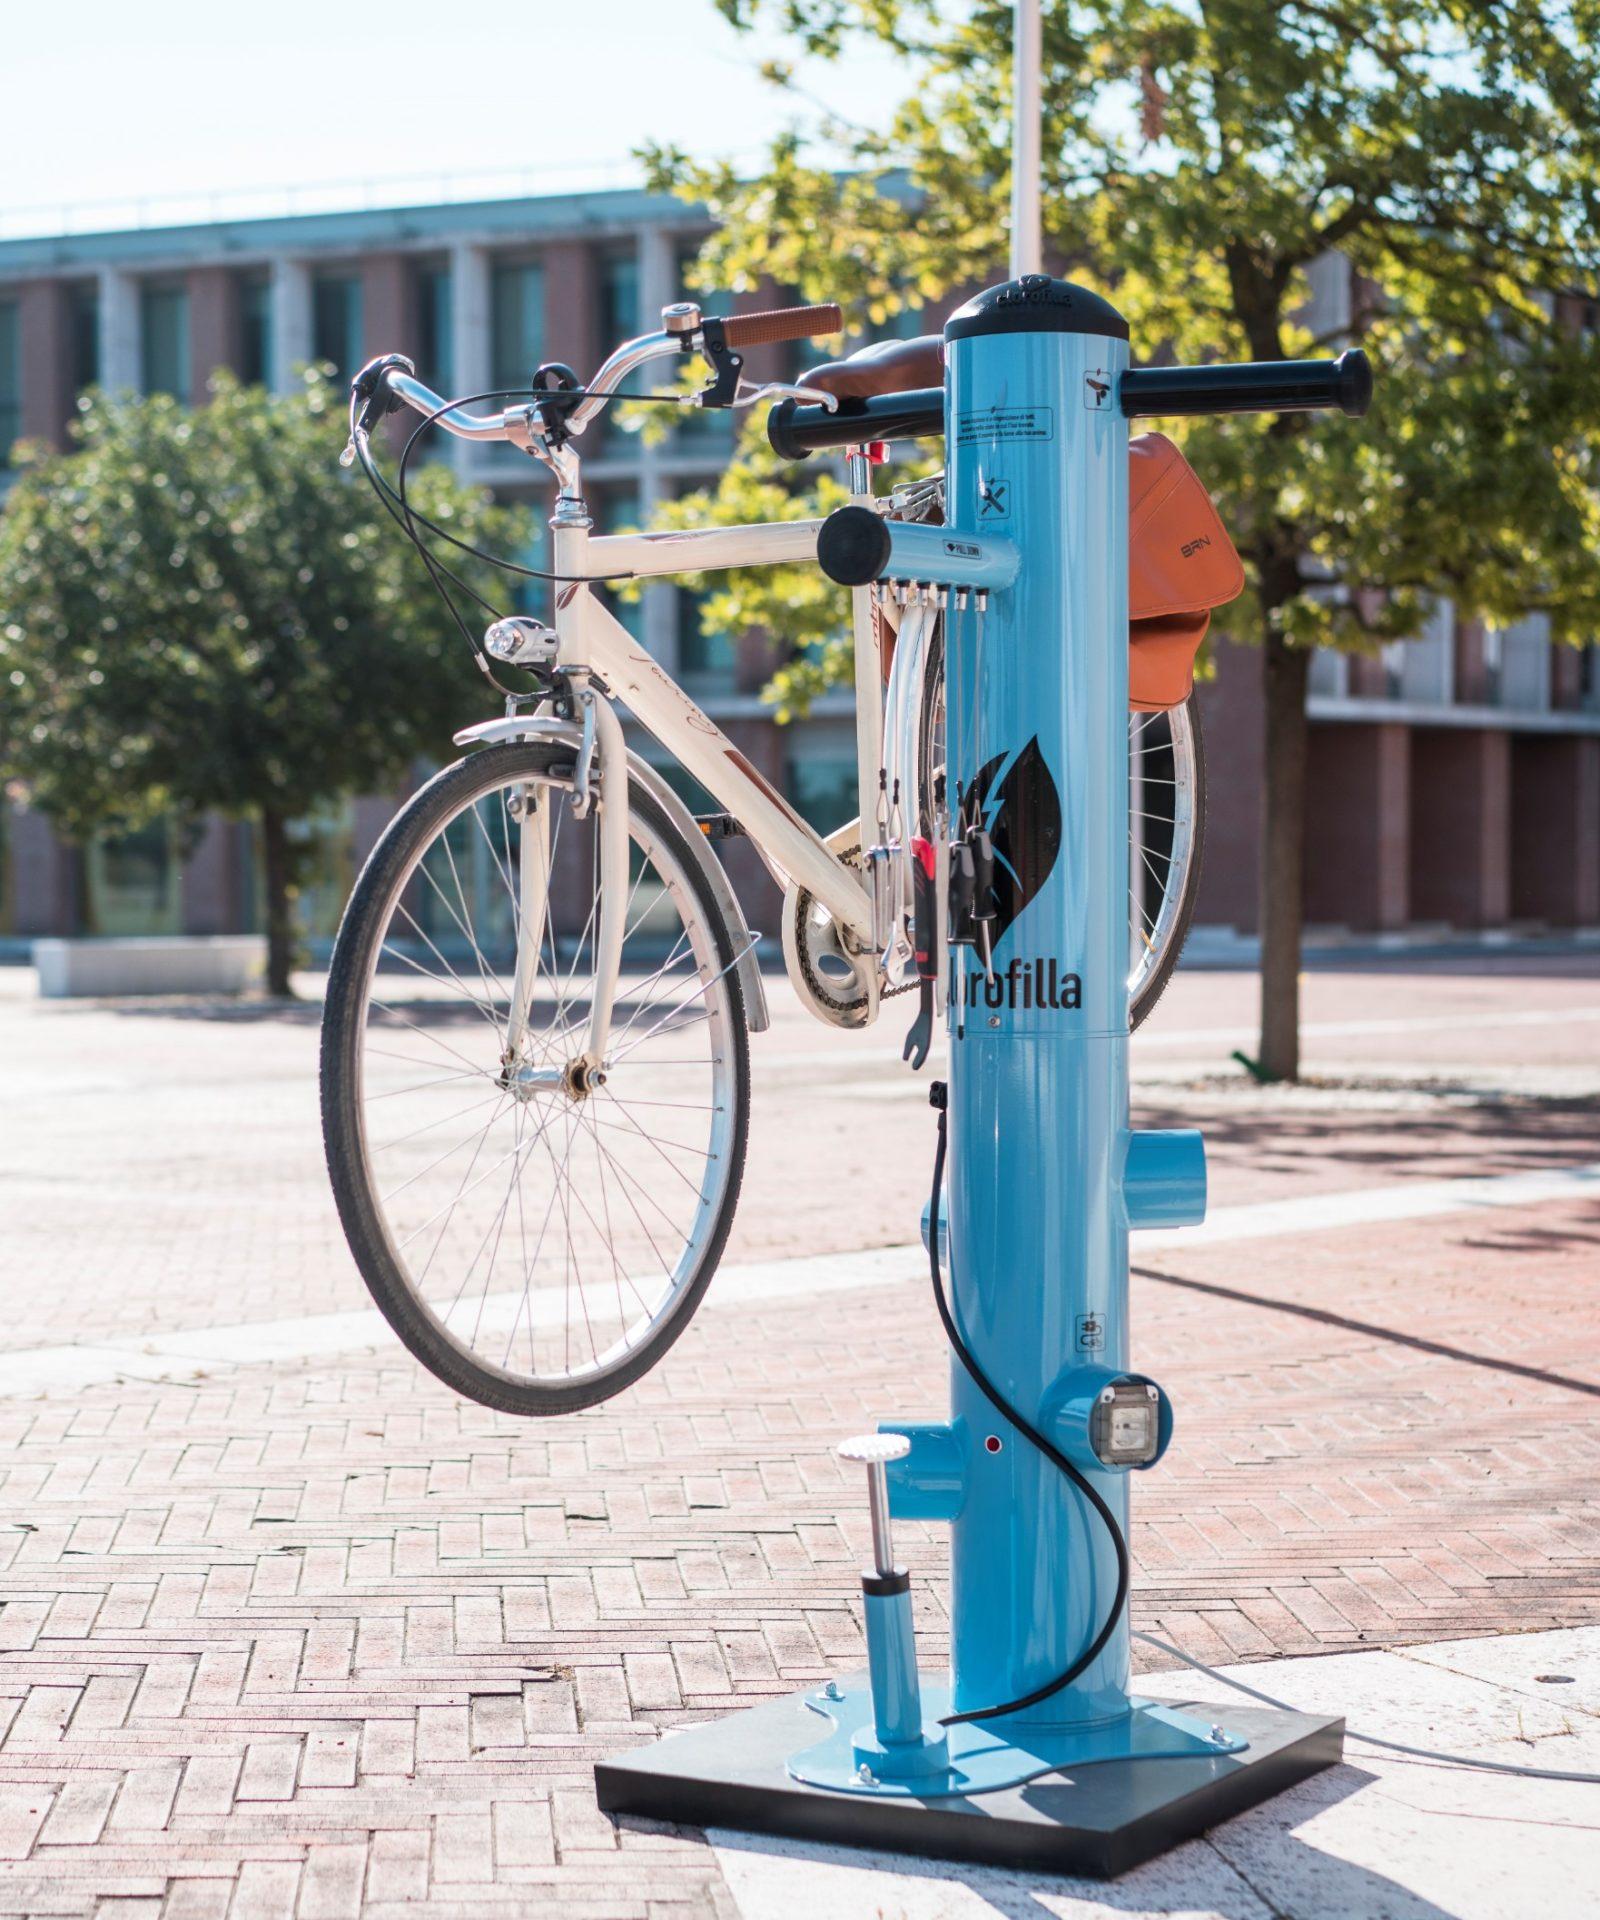 Postaja za polnjenje električnih koles